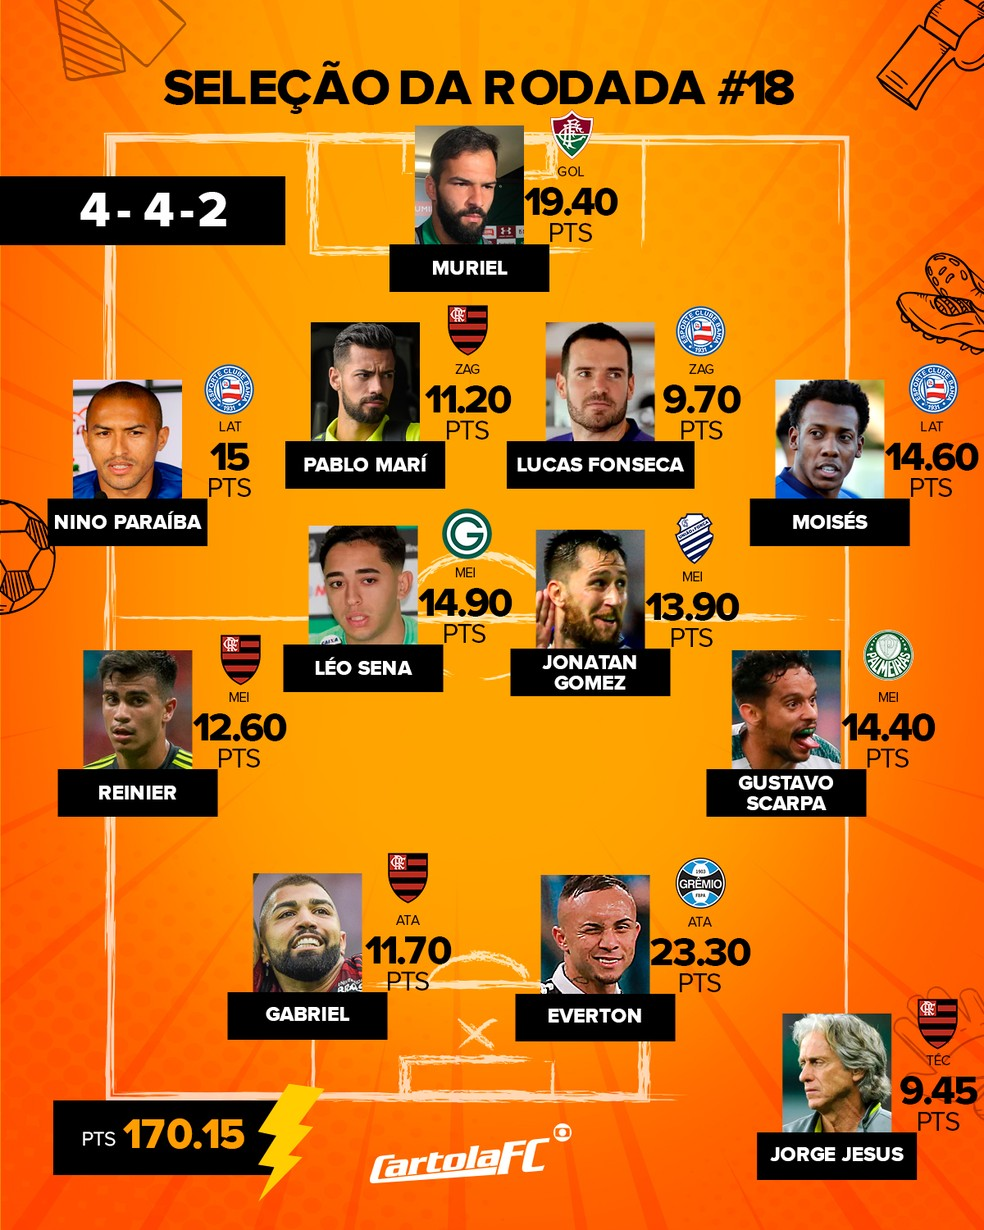 Seleção da rodada #18 do Cartola no 4-4-2 — Foto: Infografia